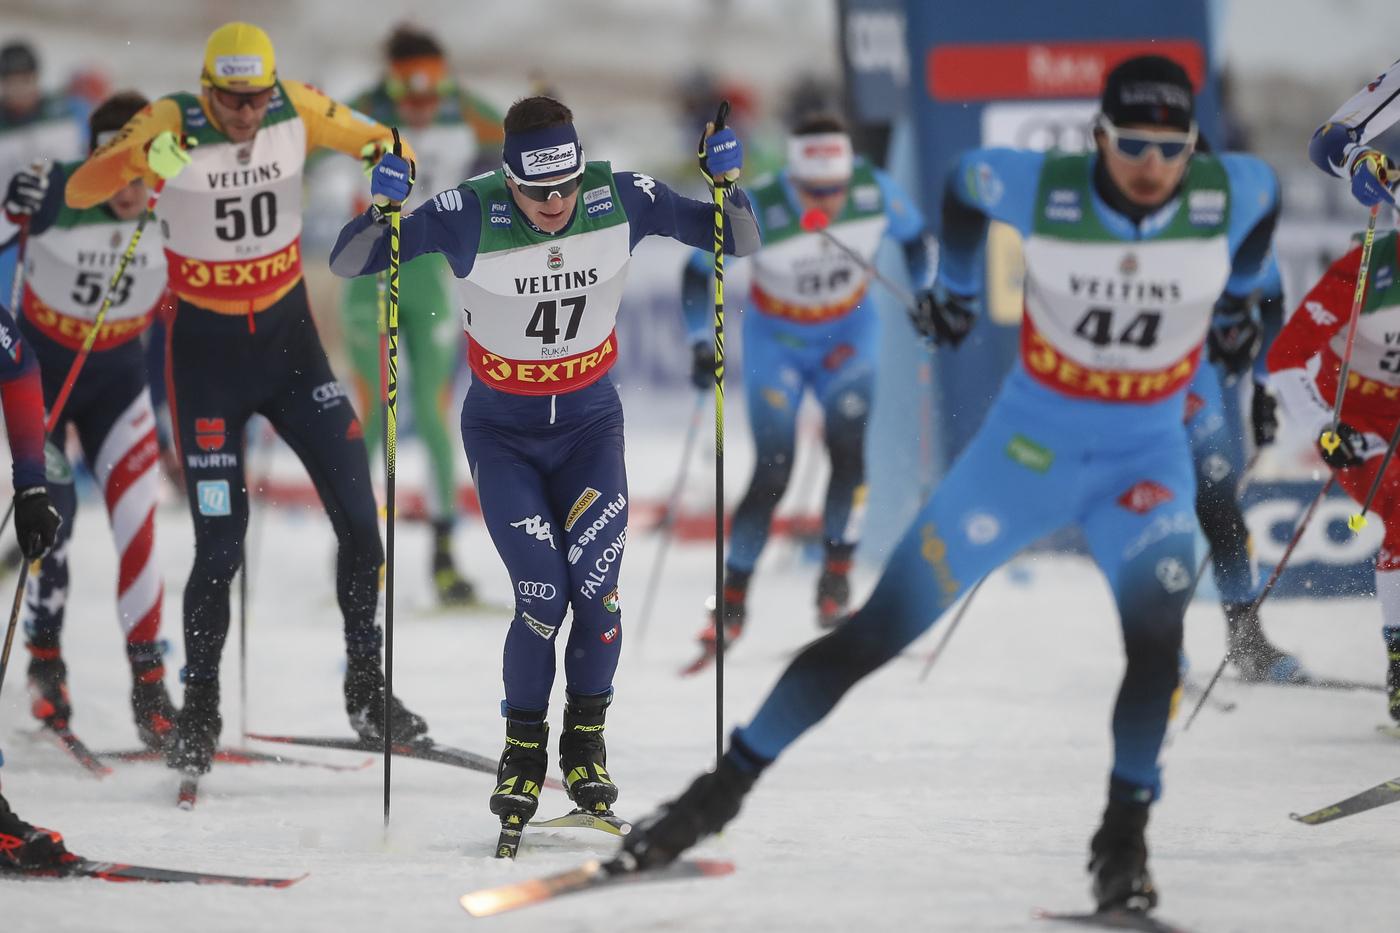 Sci nordico oggi, Mondiali 2021: orari, tv, programma, streaming, italiani in gara 3 marzo